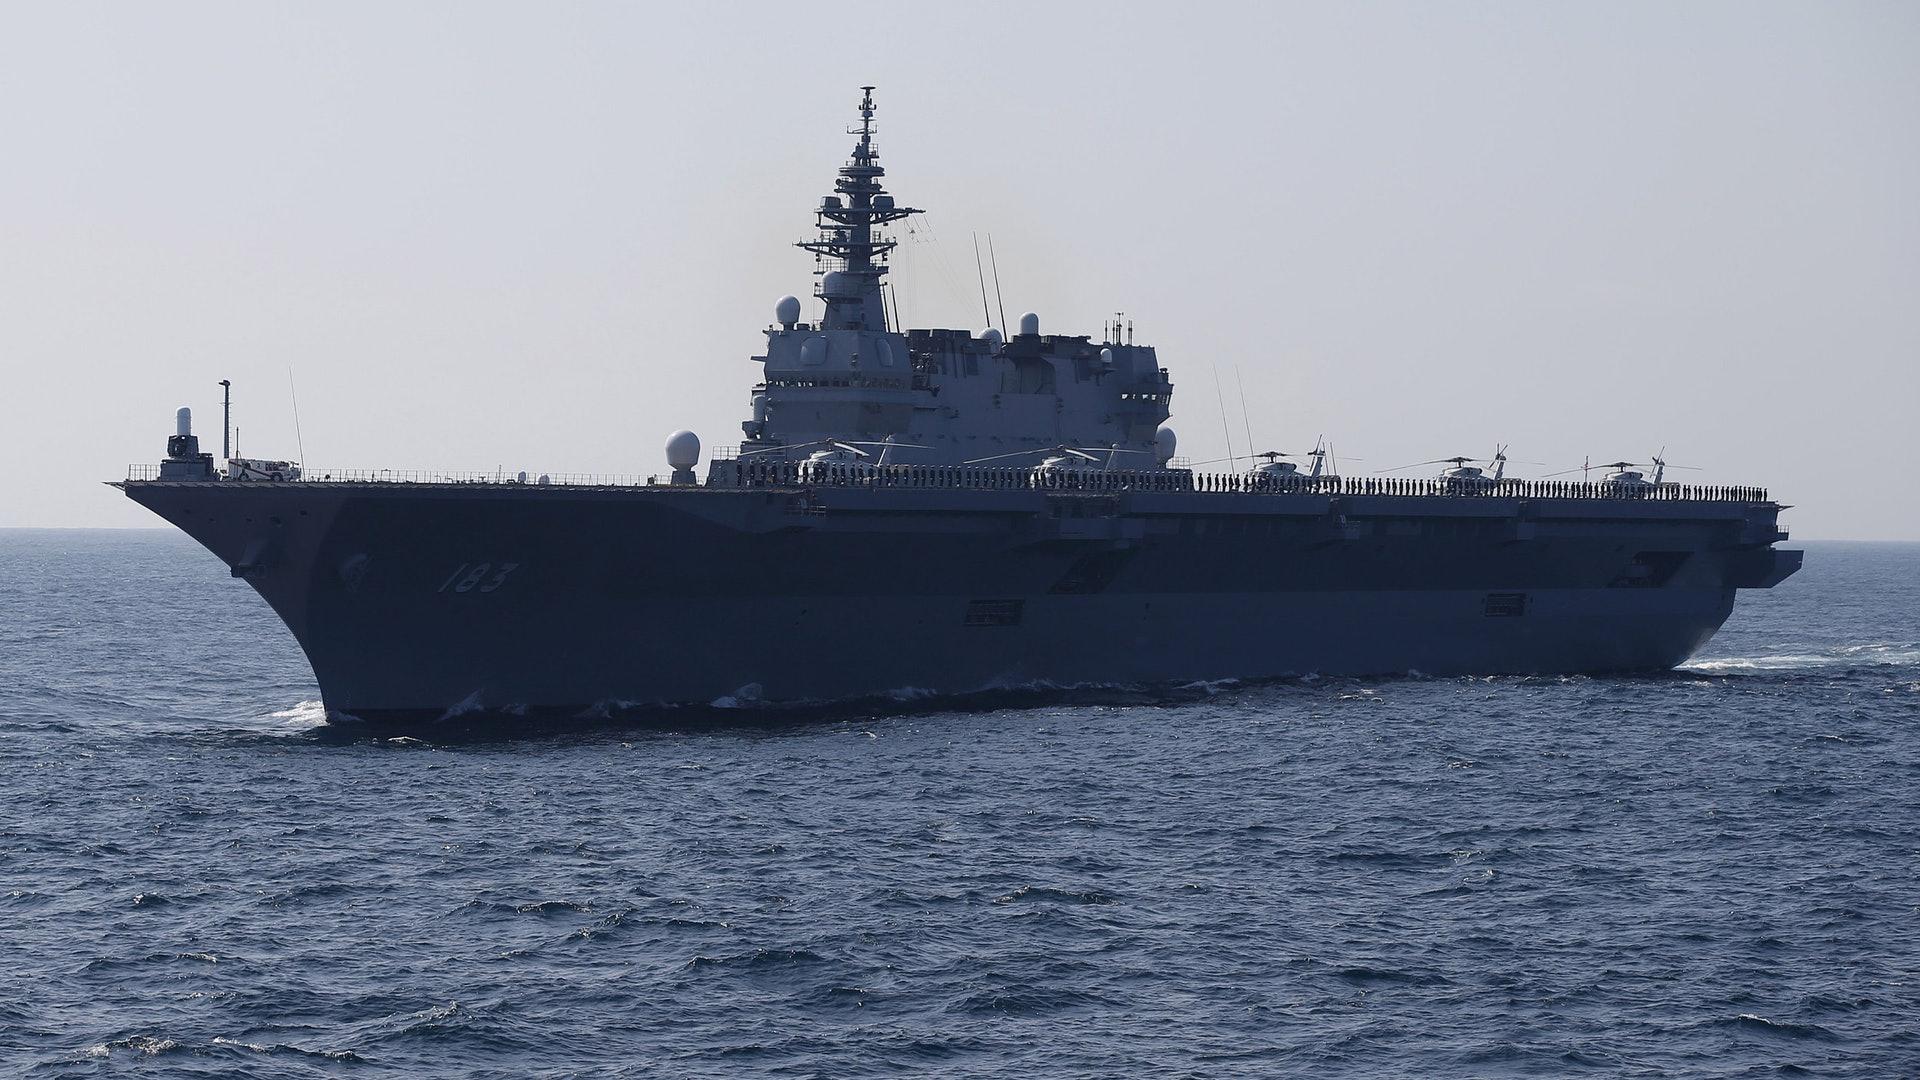 為防朝鮮走私日本海上自衛隊於公海監視向美國通風報信 香港01 即時國際